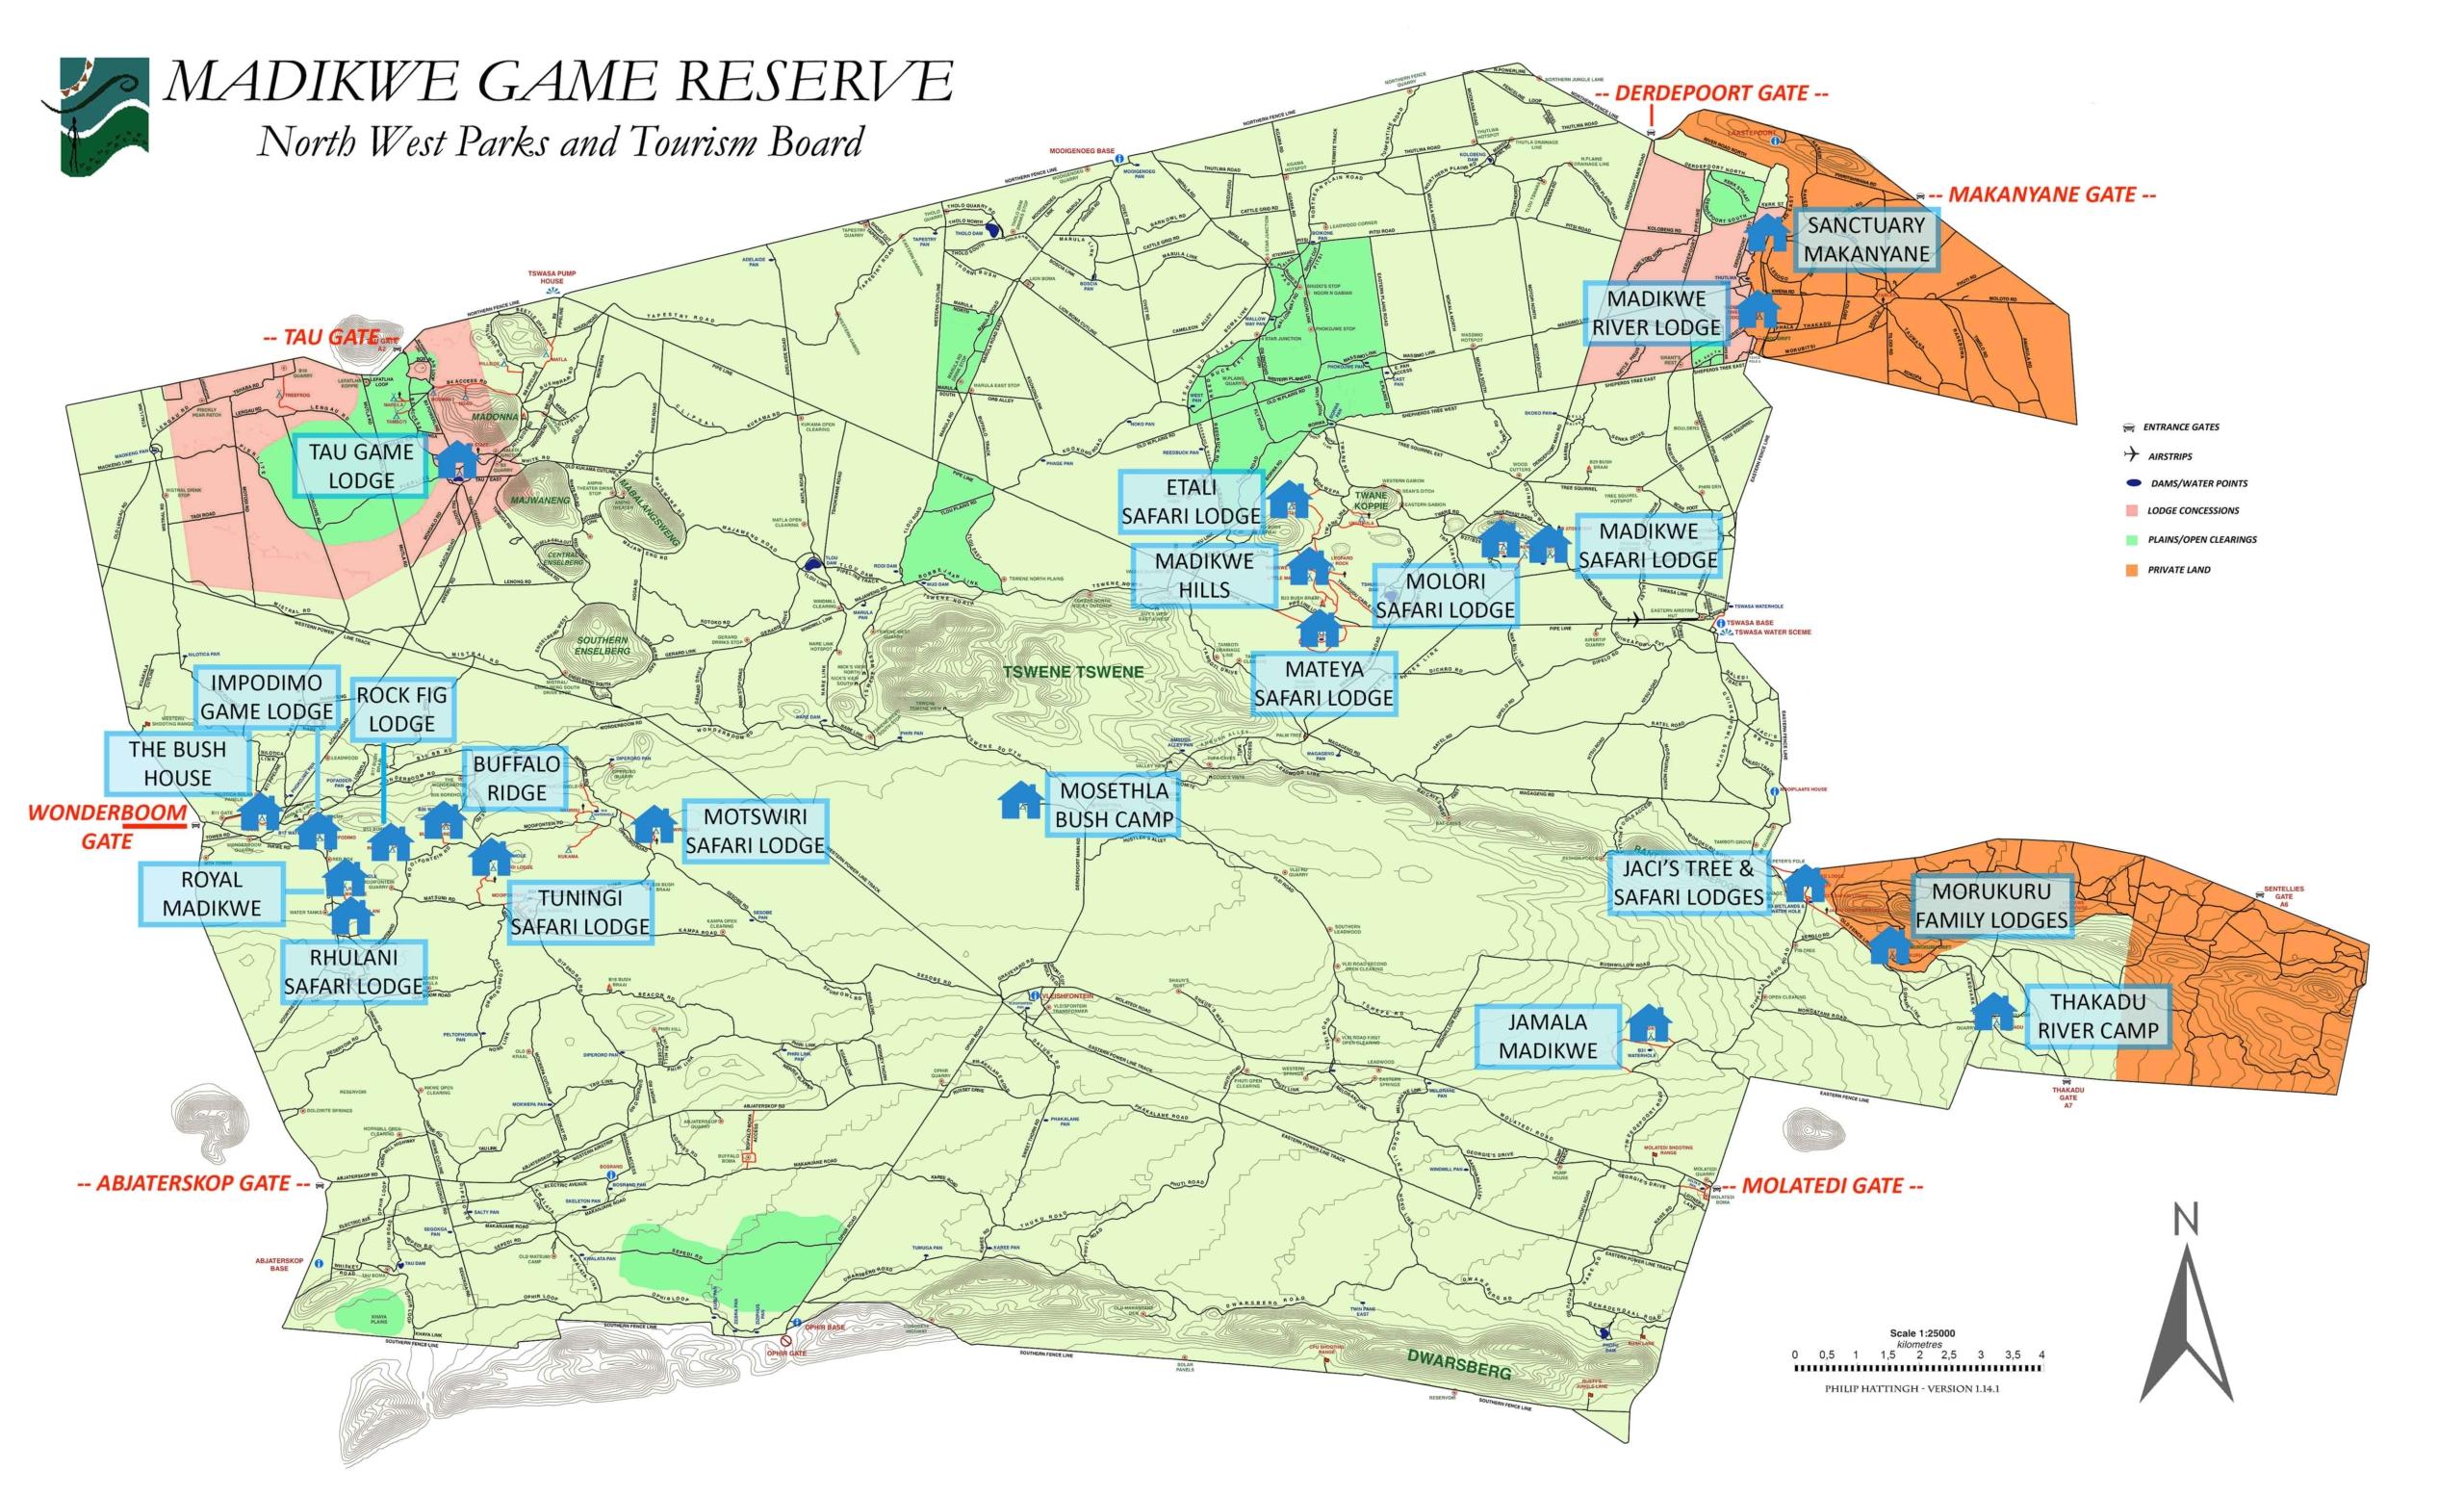 Carte de la réserve de Madikwe et les lodges